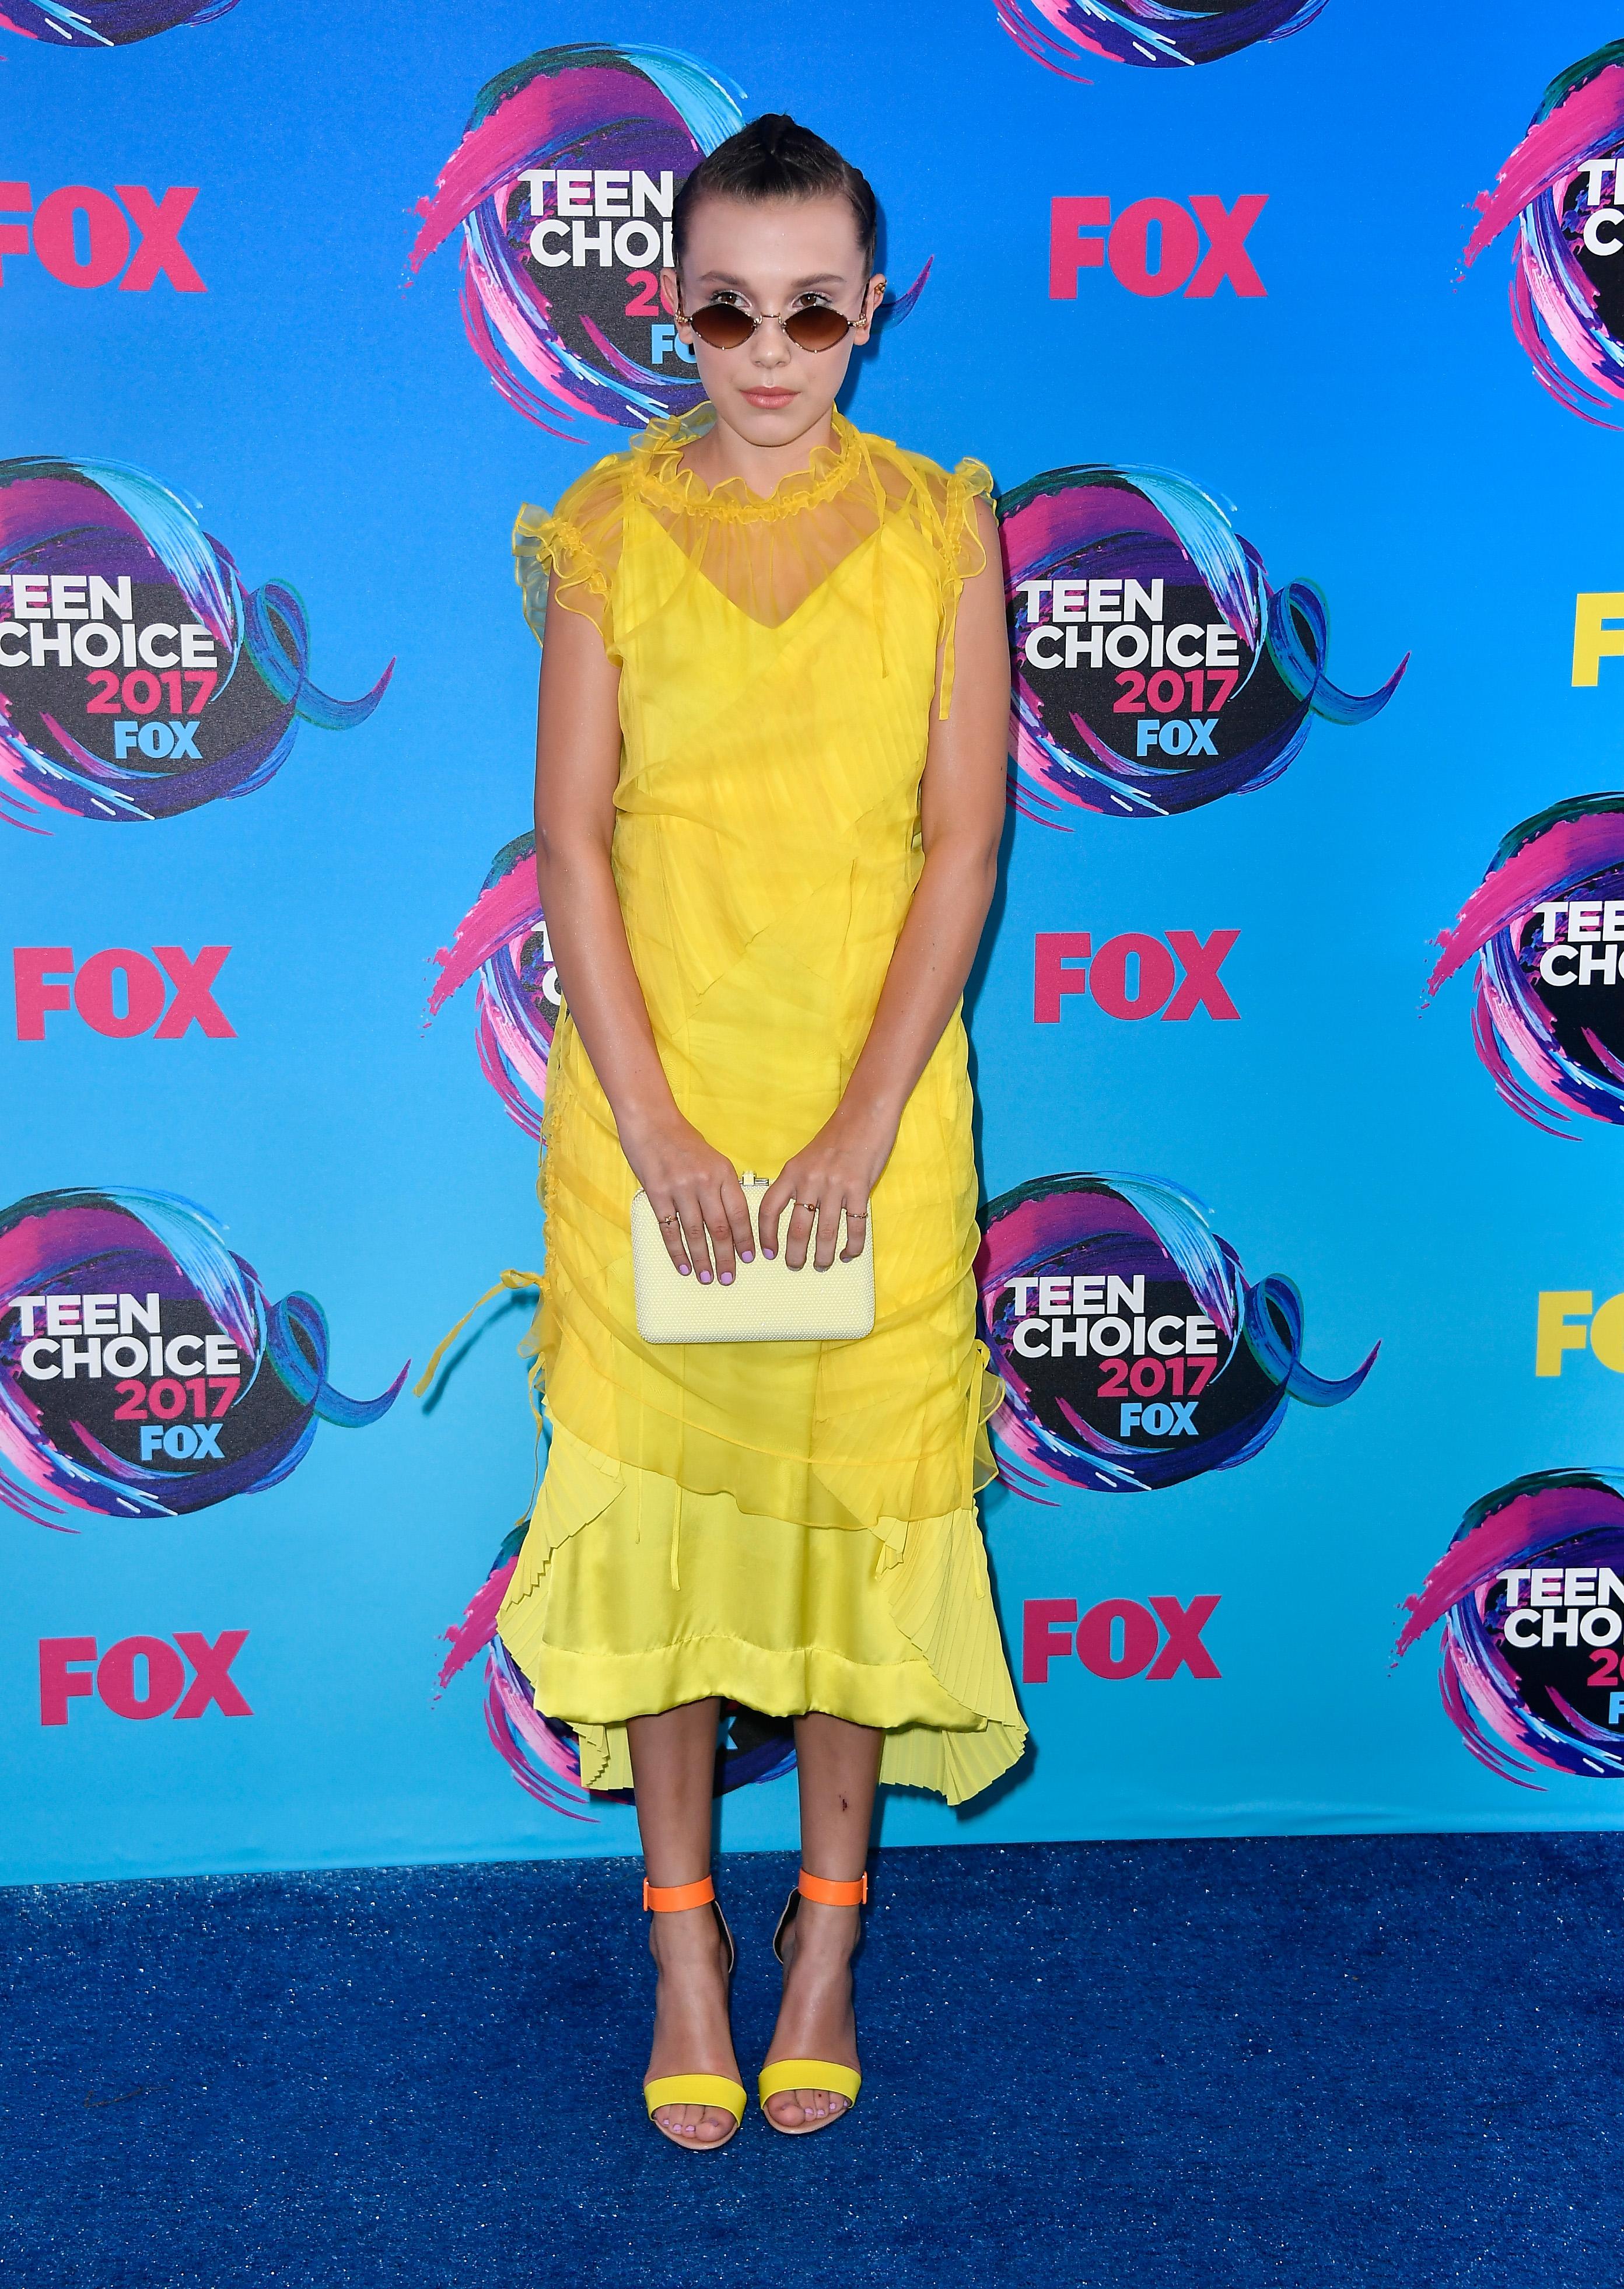 Teen Choice Awards 2017 - Millie Bobby Brown